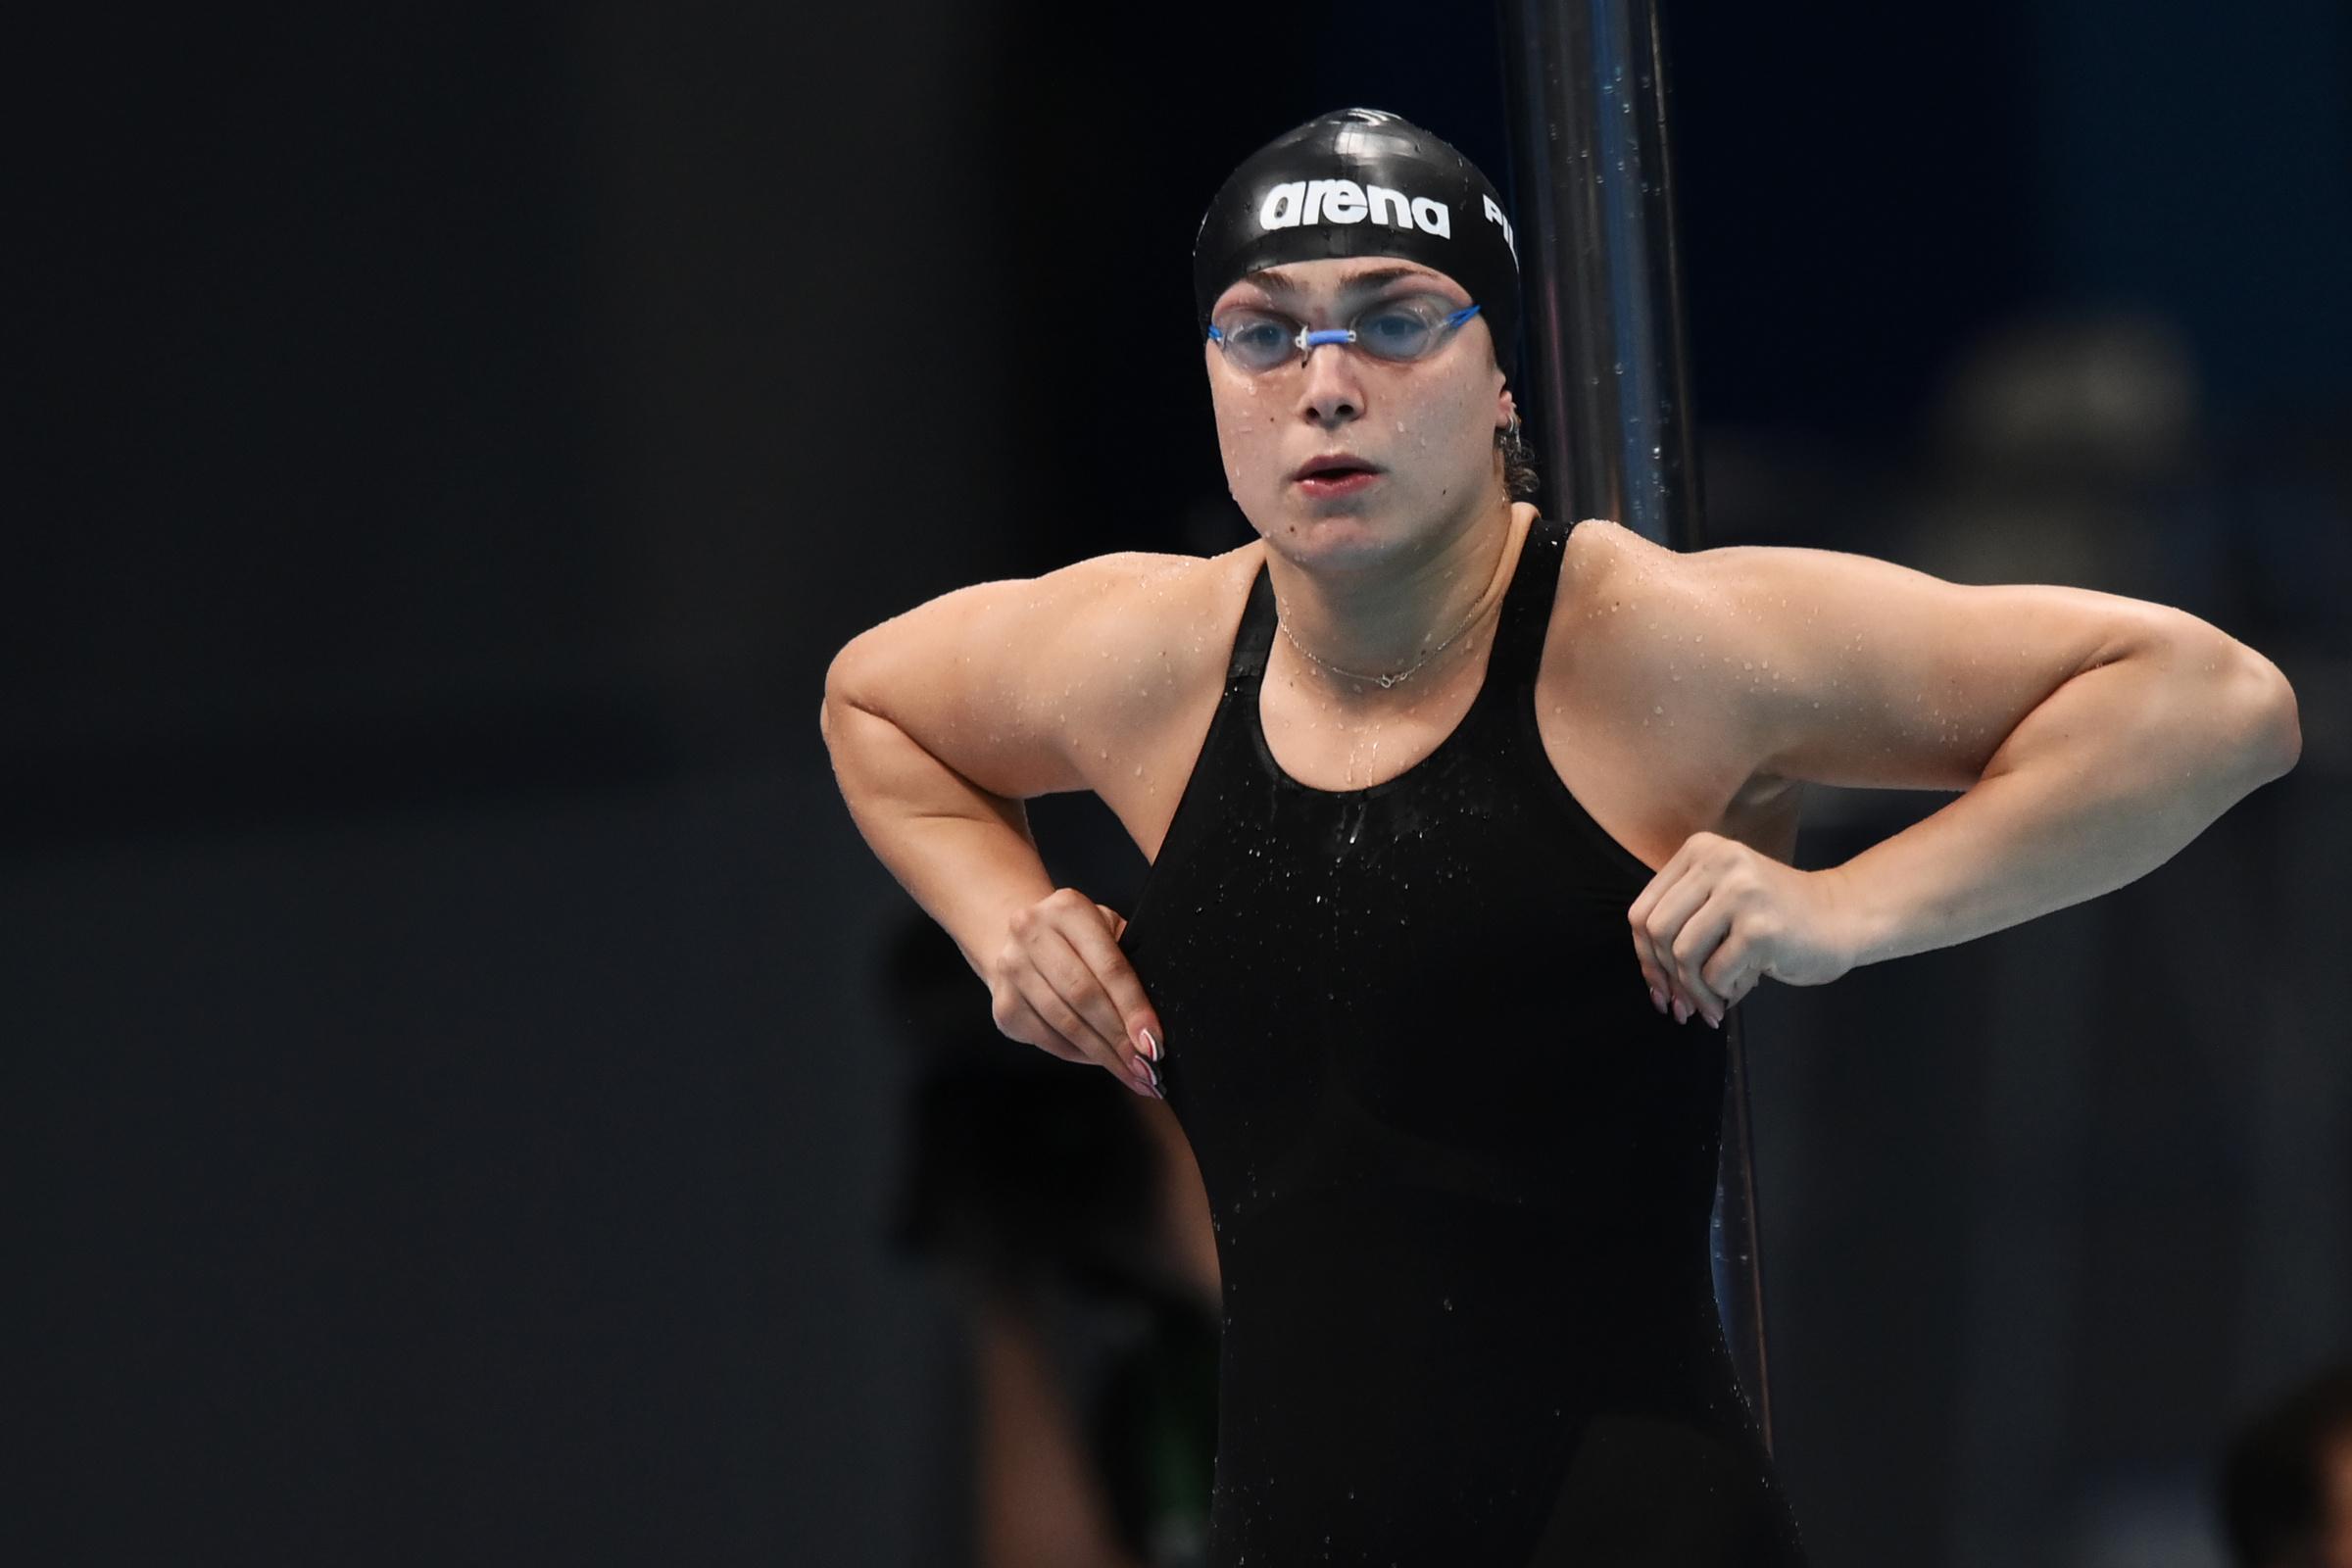 Nuoto ISL Napoli 2021. Energy Standard in fuga nel match 9! Pilato seconda, Razzetti a un soffio dal record italiano nei 200 misti